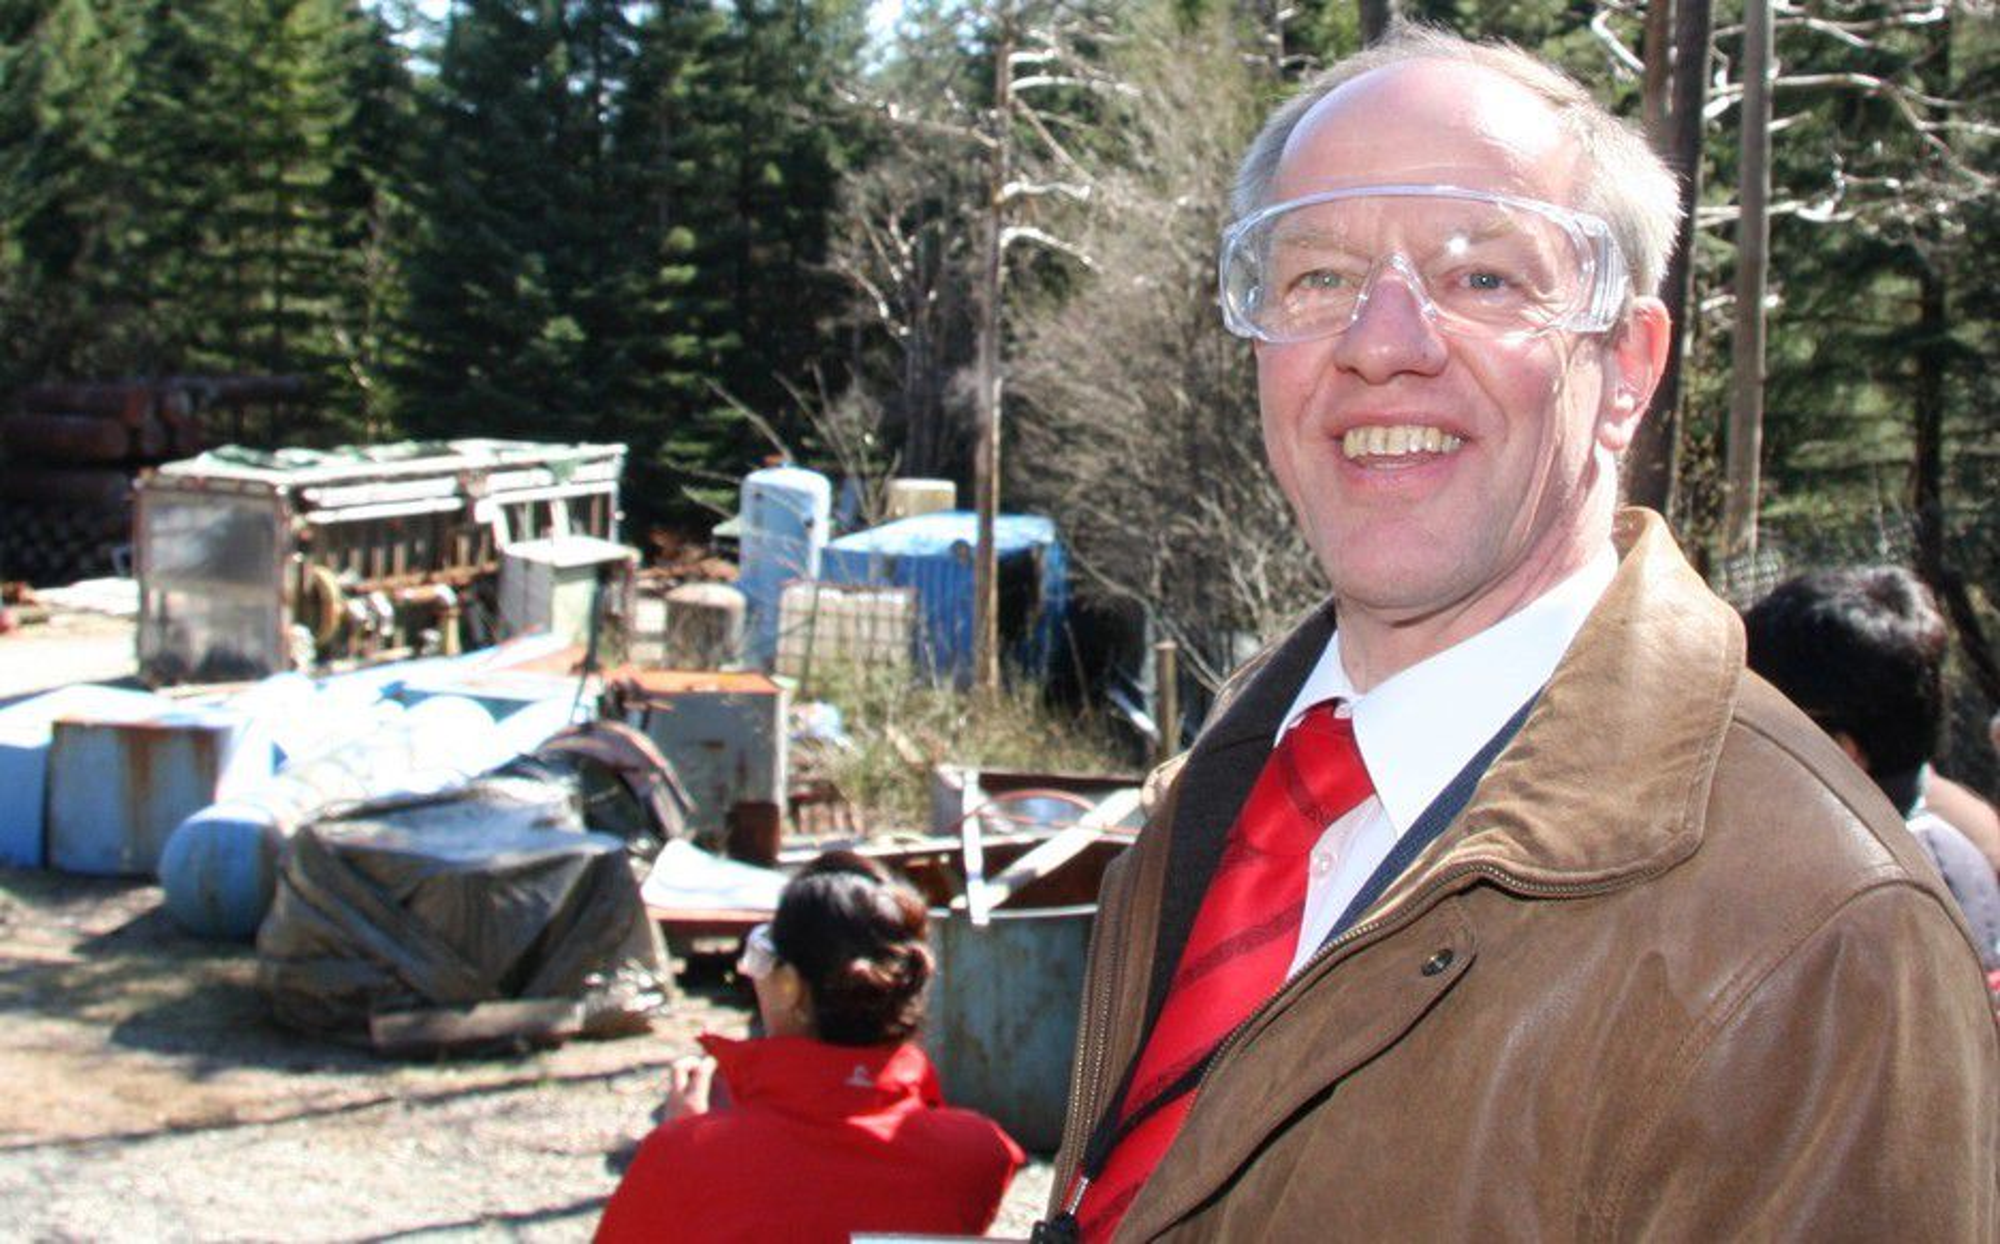 EKSPERT: Teknisk direktør Kees van Wingerden i GexCon er en av verdens fremste eksperter på eksplosjoner.  Her fra selskapets testsenter utenfor Bergen.